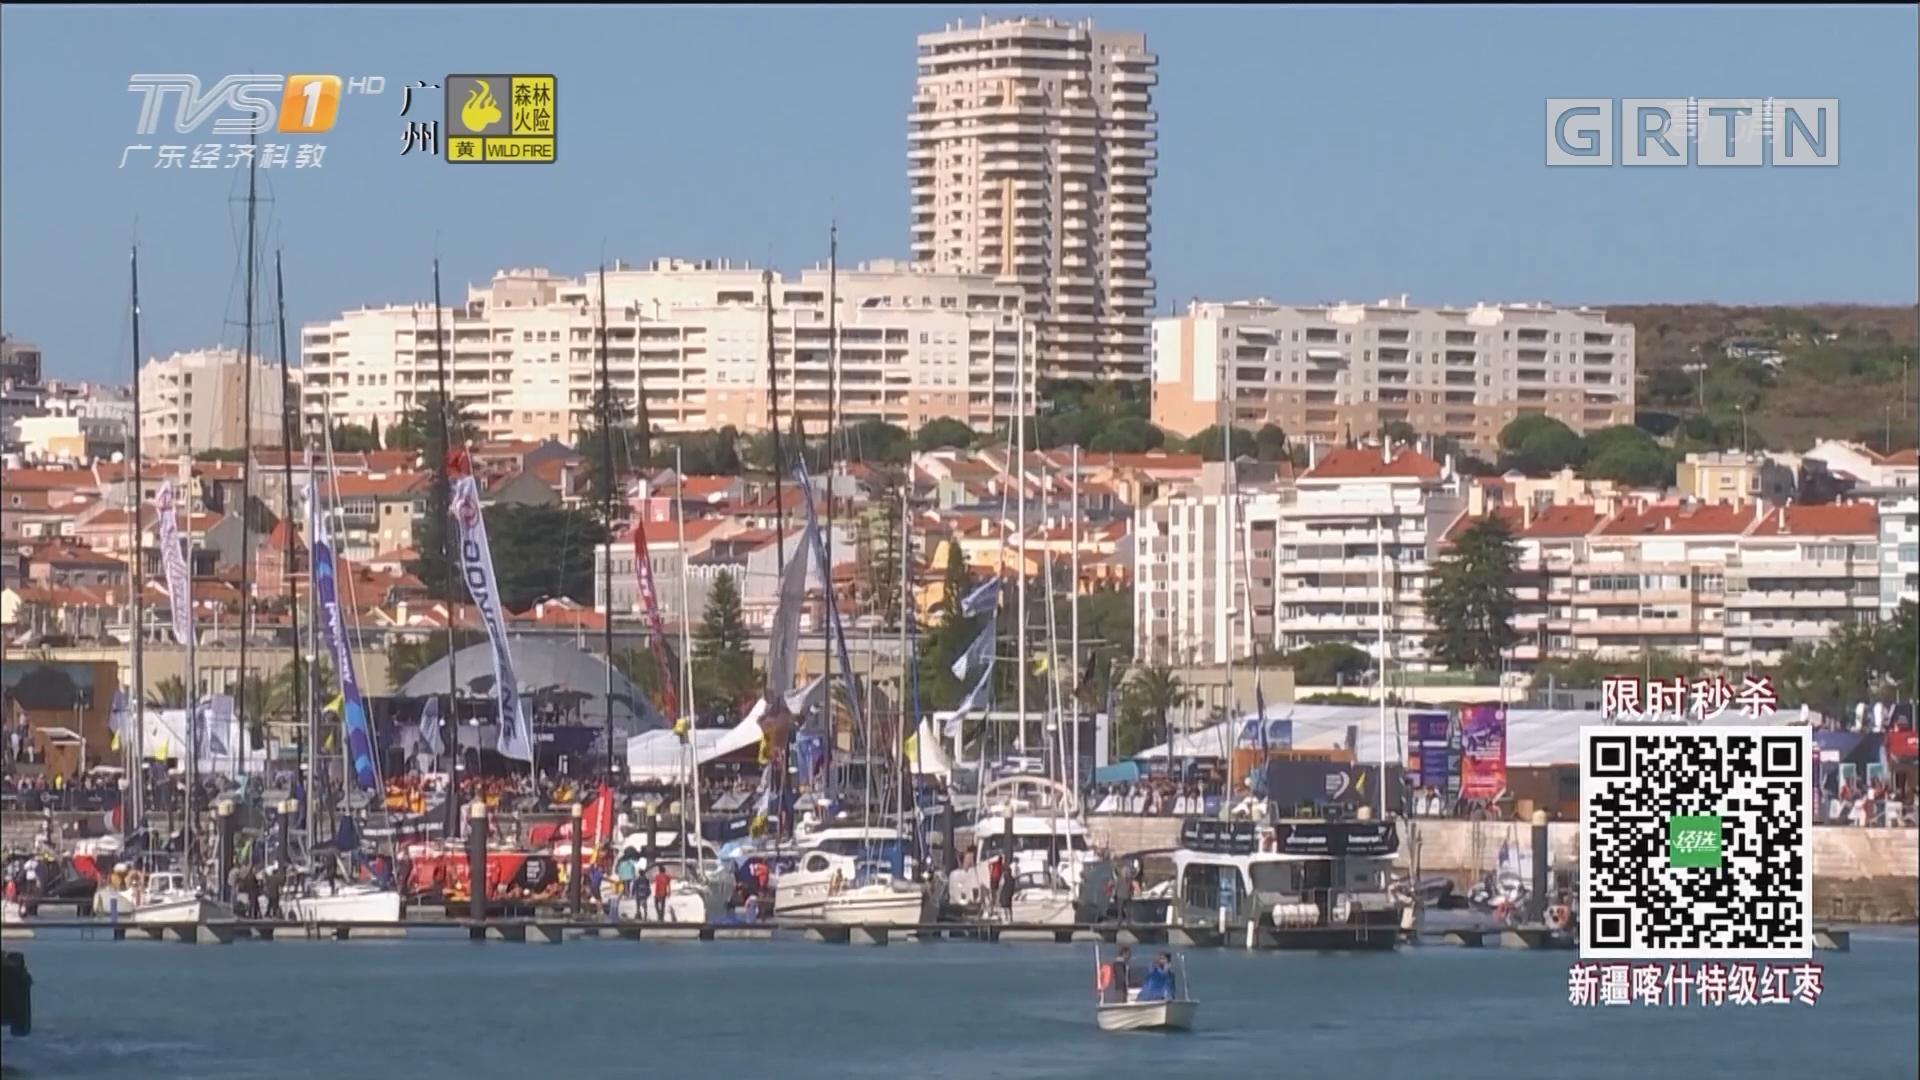 沃尔沃环球帆船赛 两周后停靠广州南沙